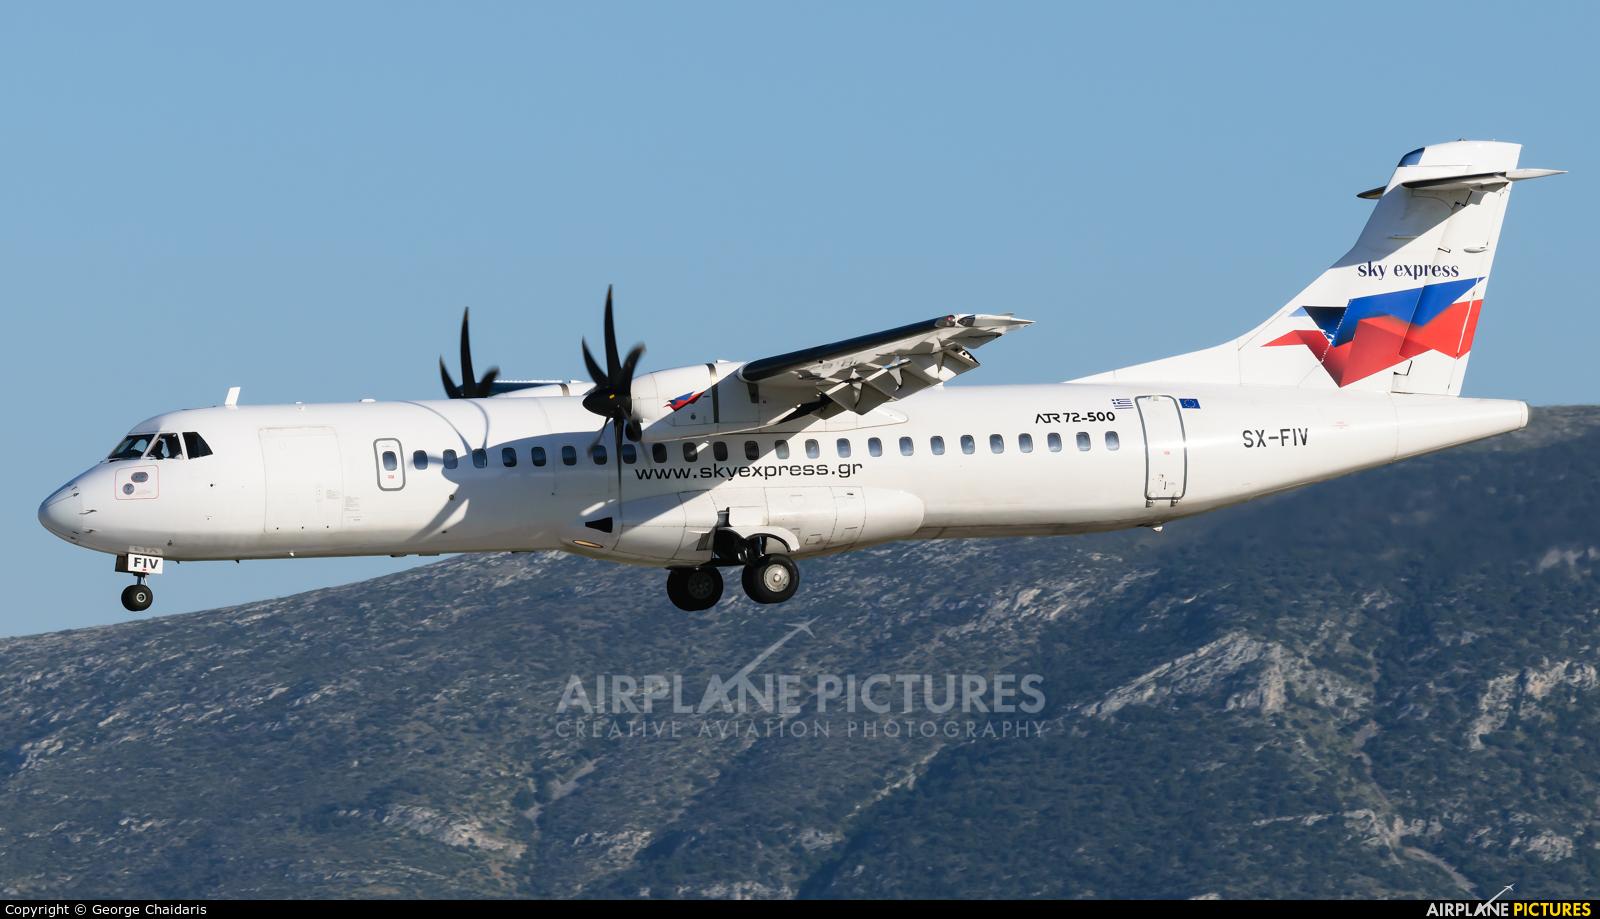 Sky Express SX-FIV aircraft at Athens - Eleftherios Venizelos